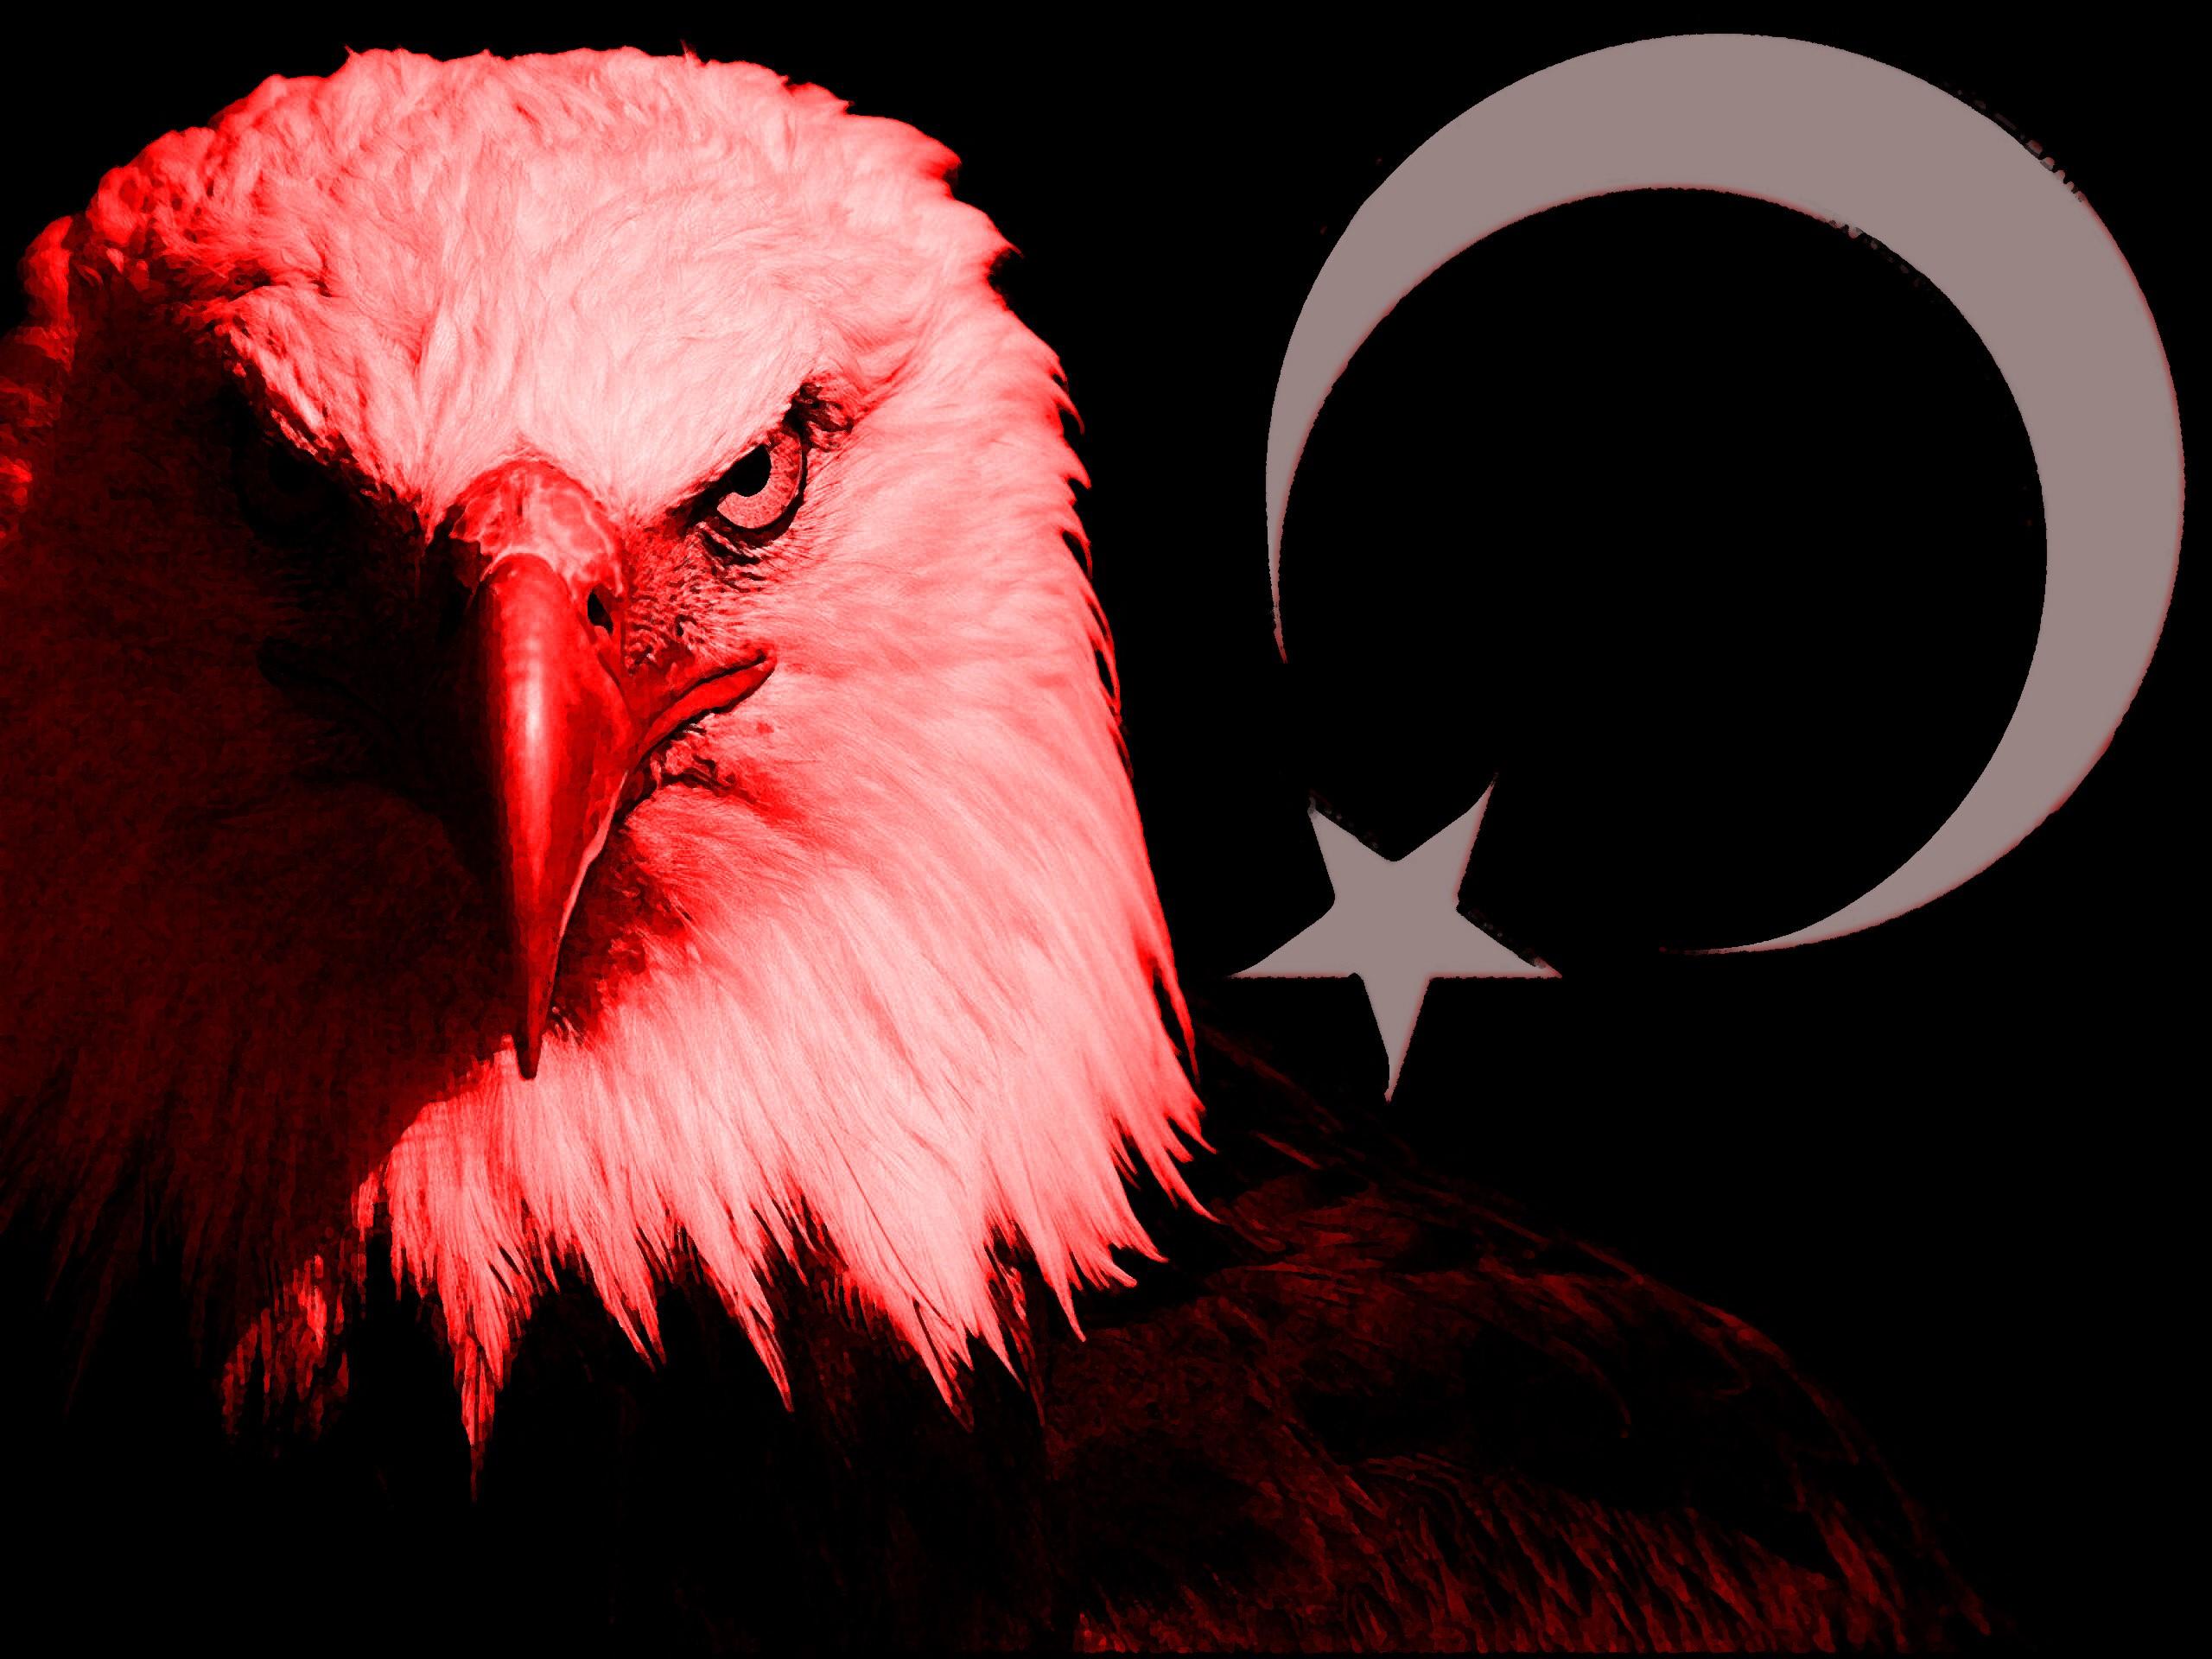 Türk Bayrağı 720p duvarkağıtları